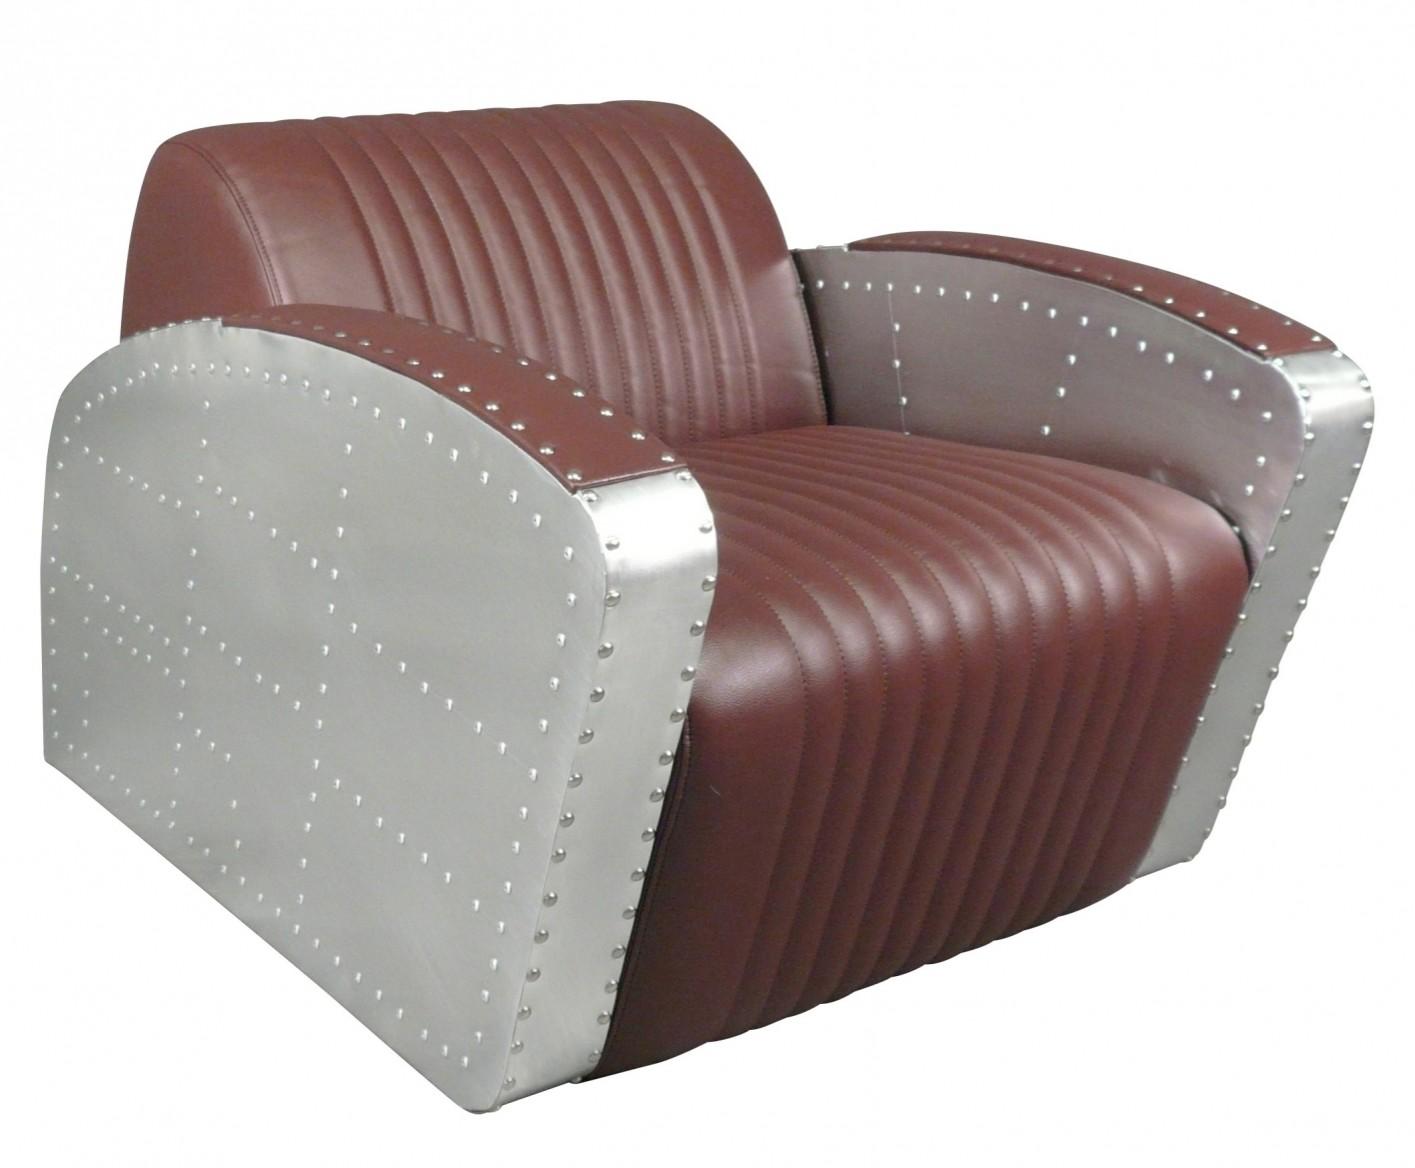 Sedie A Forma Di Sedere Costo sedia aviatore a buon mercato - i migliori prezzi sul web!